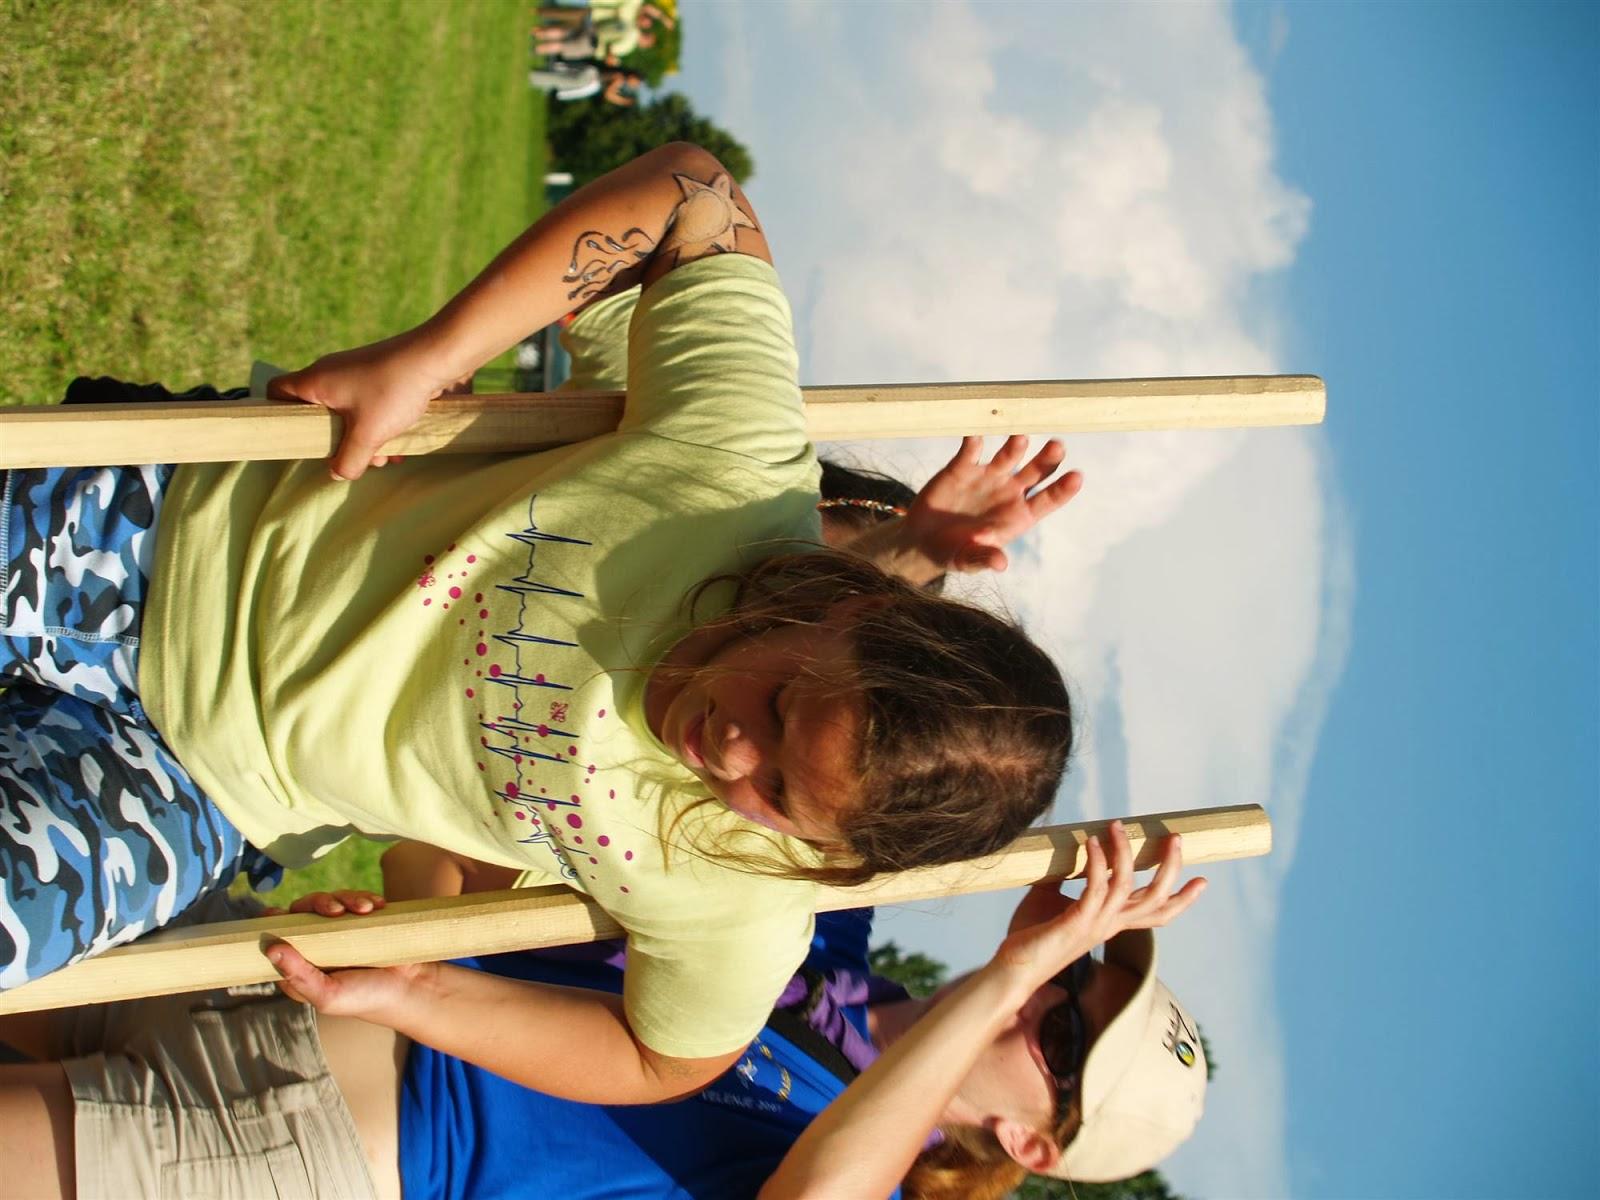 Državni mnogoboj, Velenje 2007 - P0167340.JPG